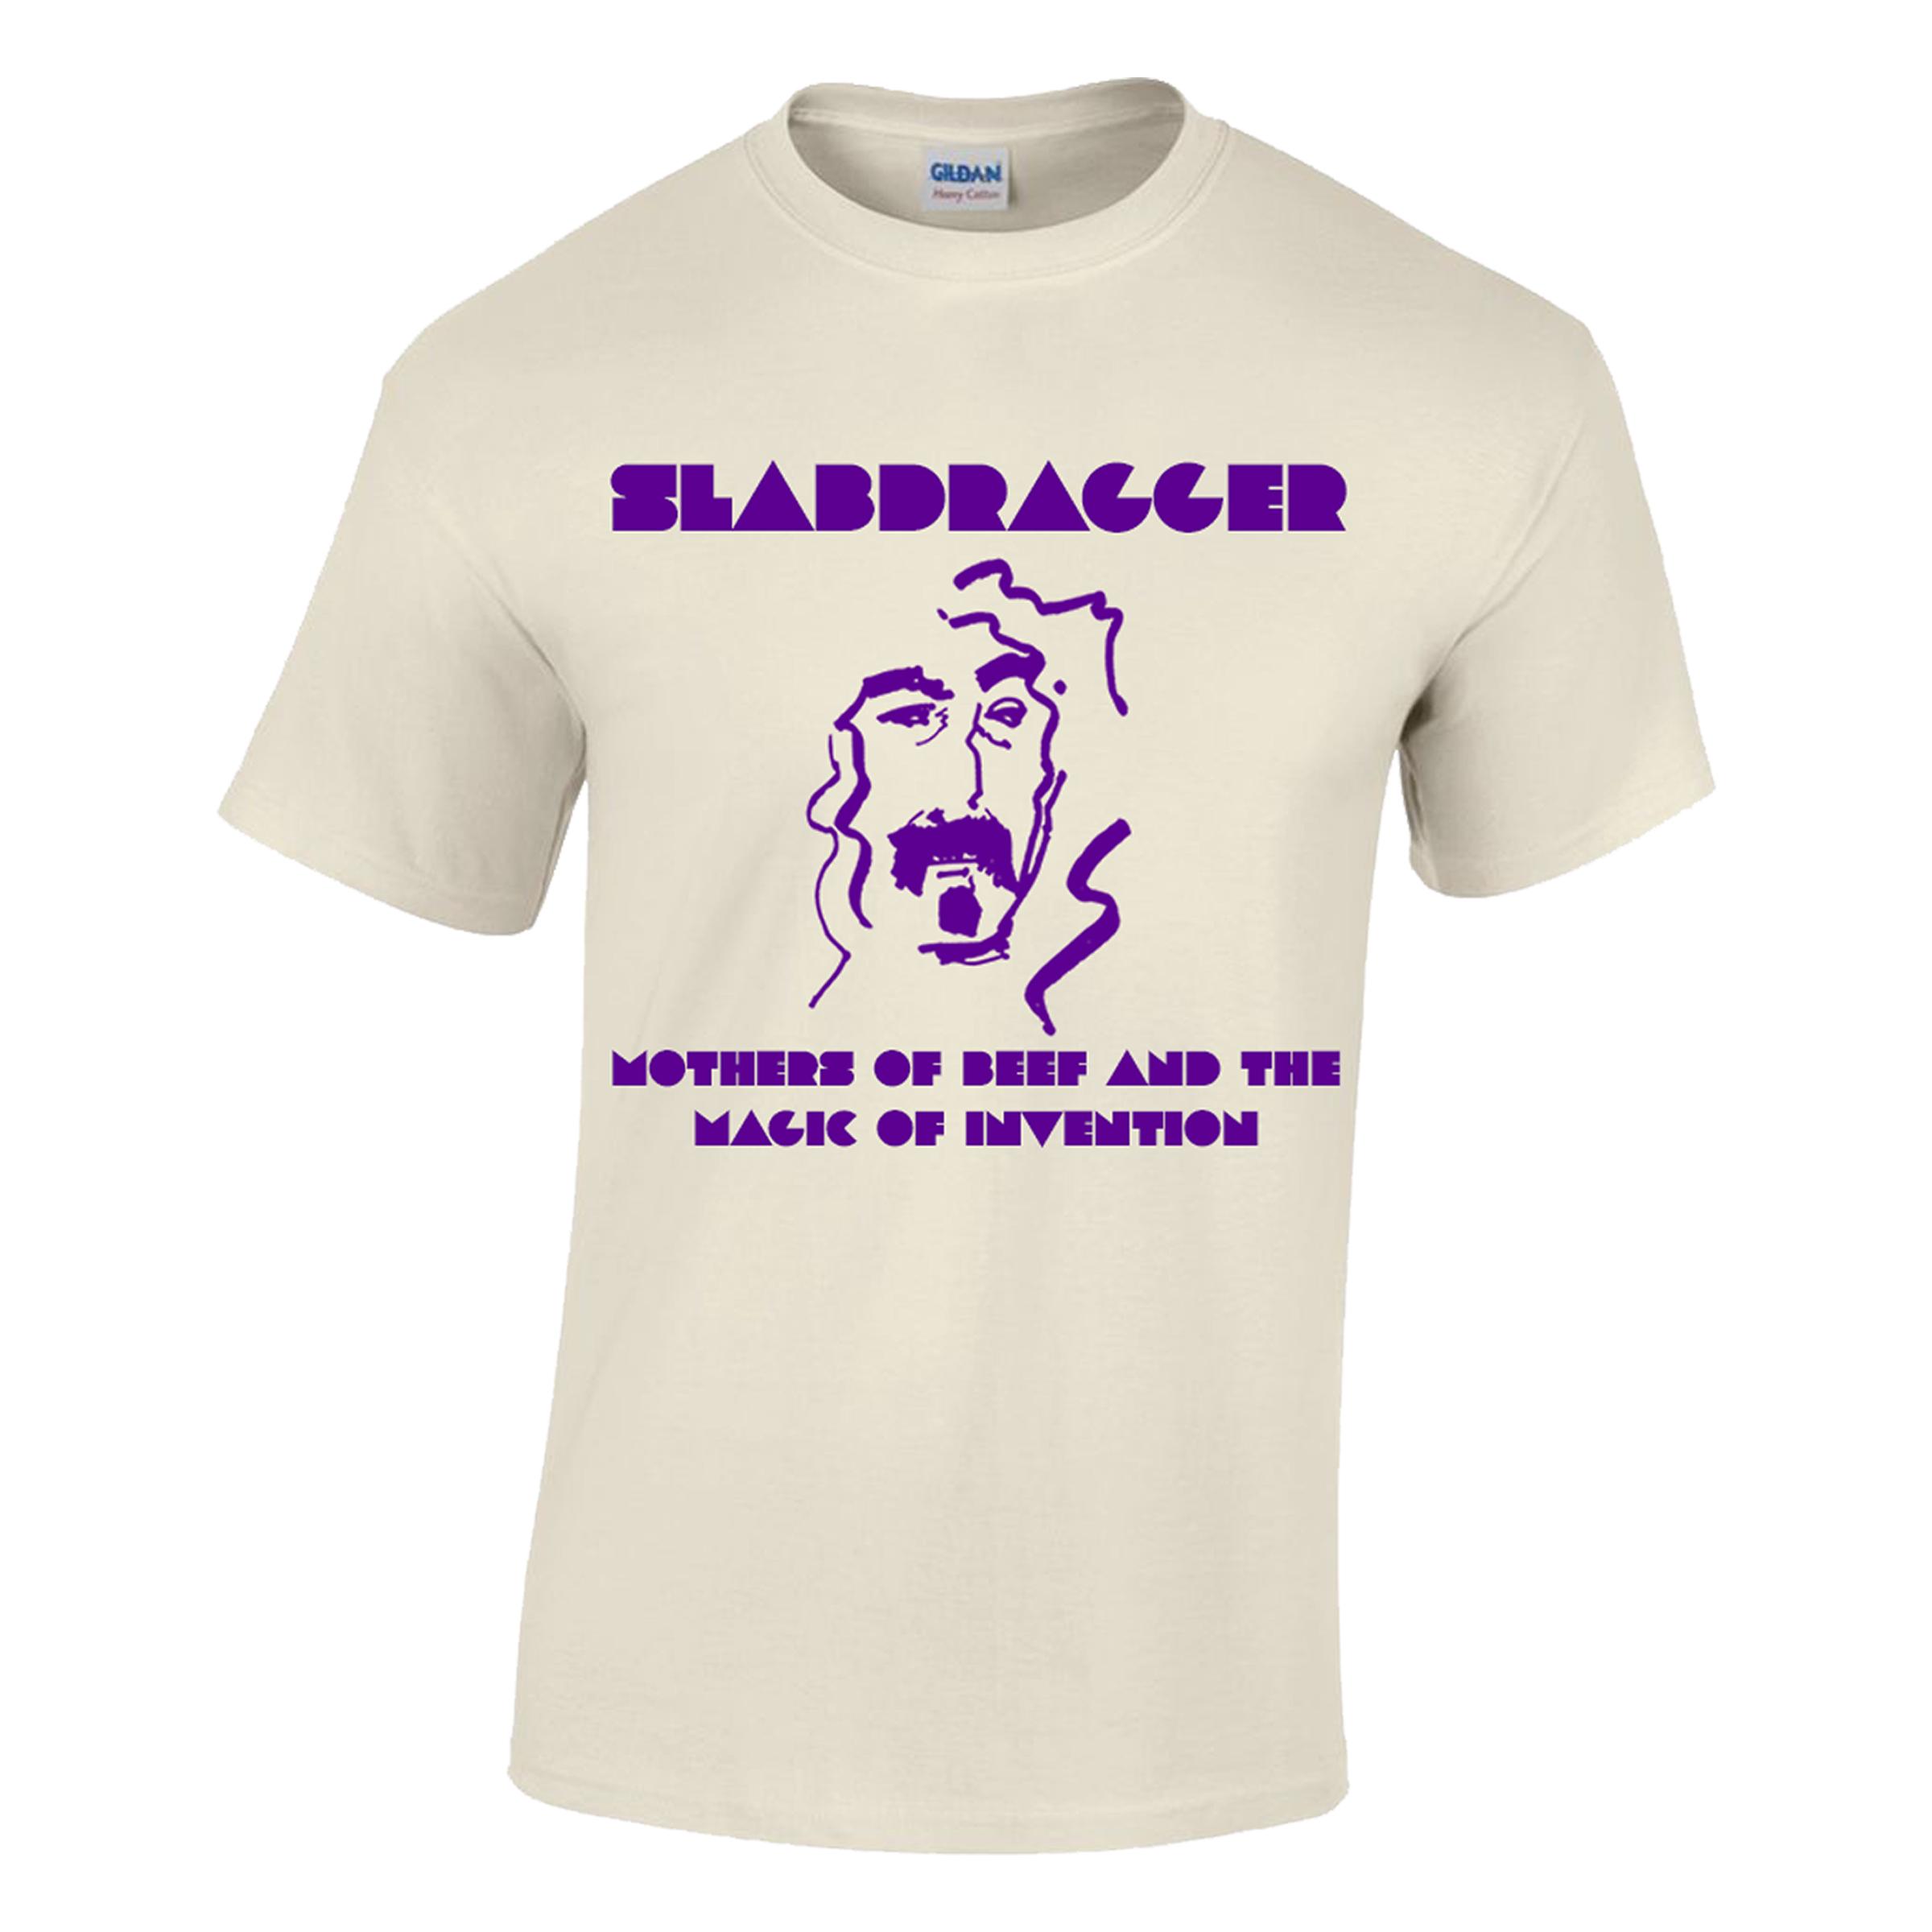 Slabdragger 'Mothers Of Beef...' split shirt